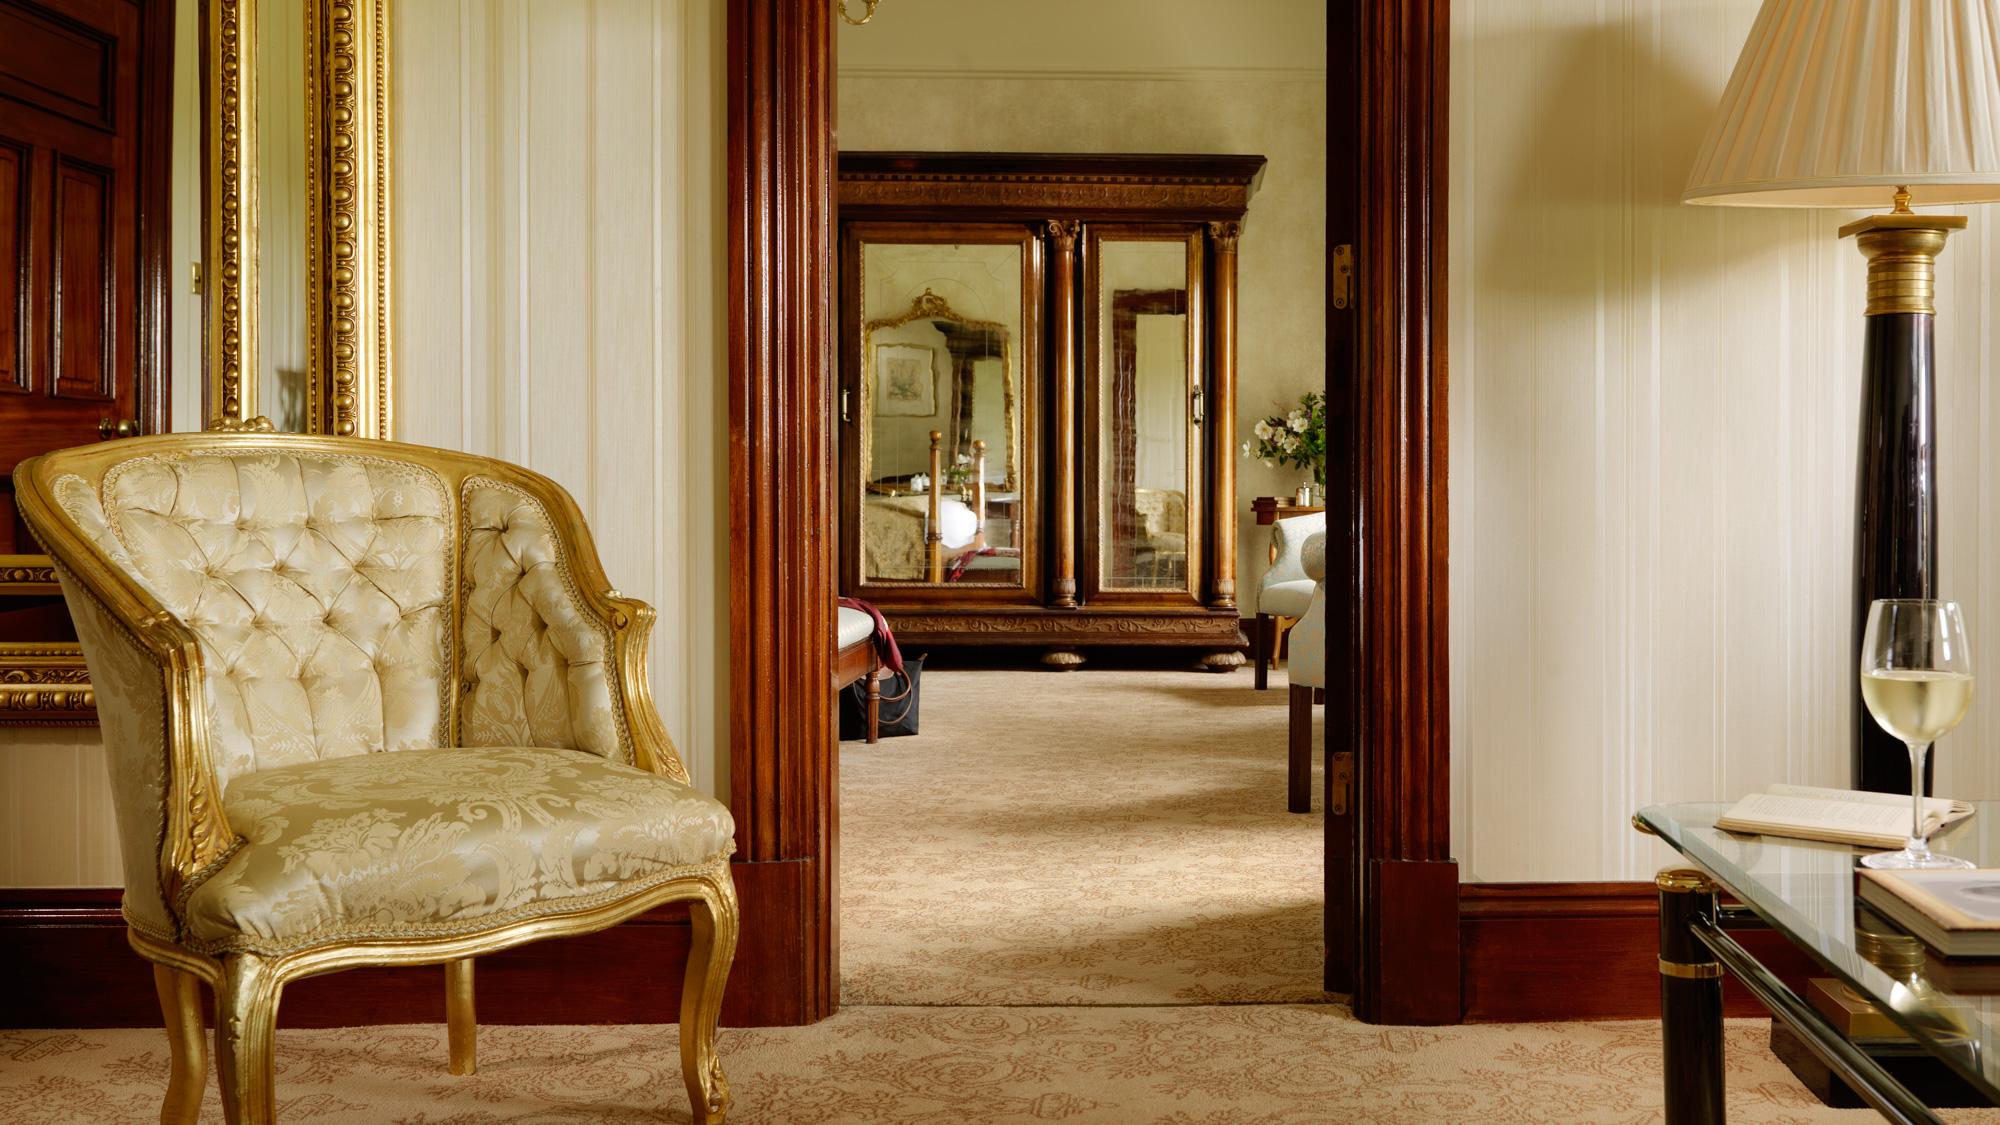 Presidential Suite Lounge FL Glenlo Abbey 2000px.jpg